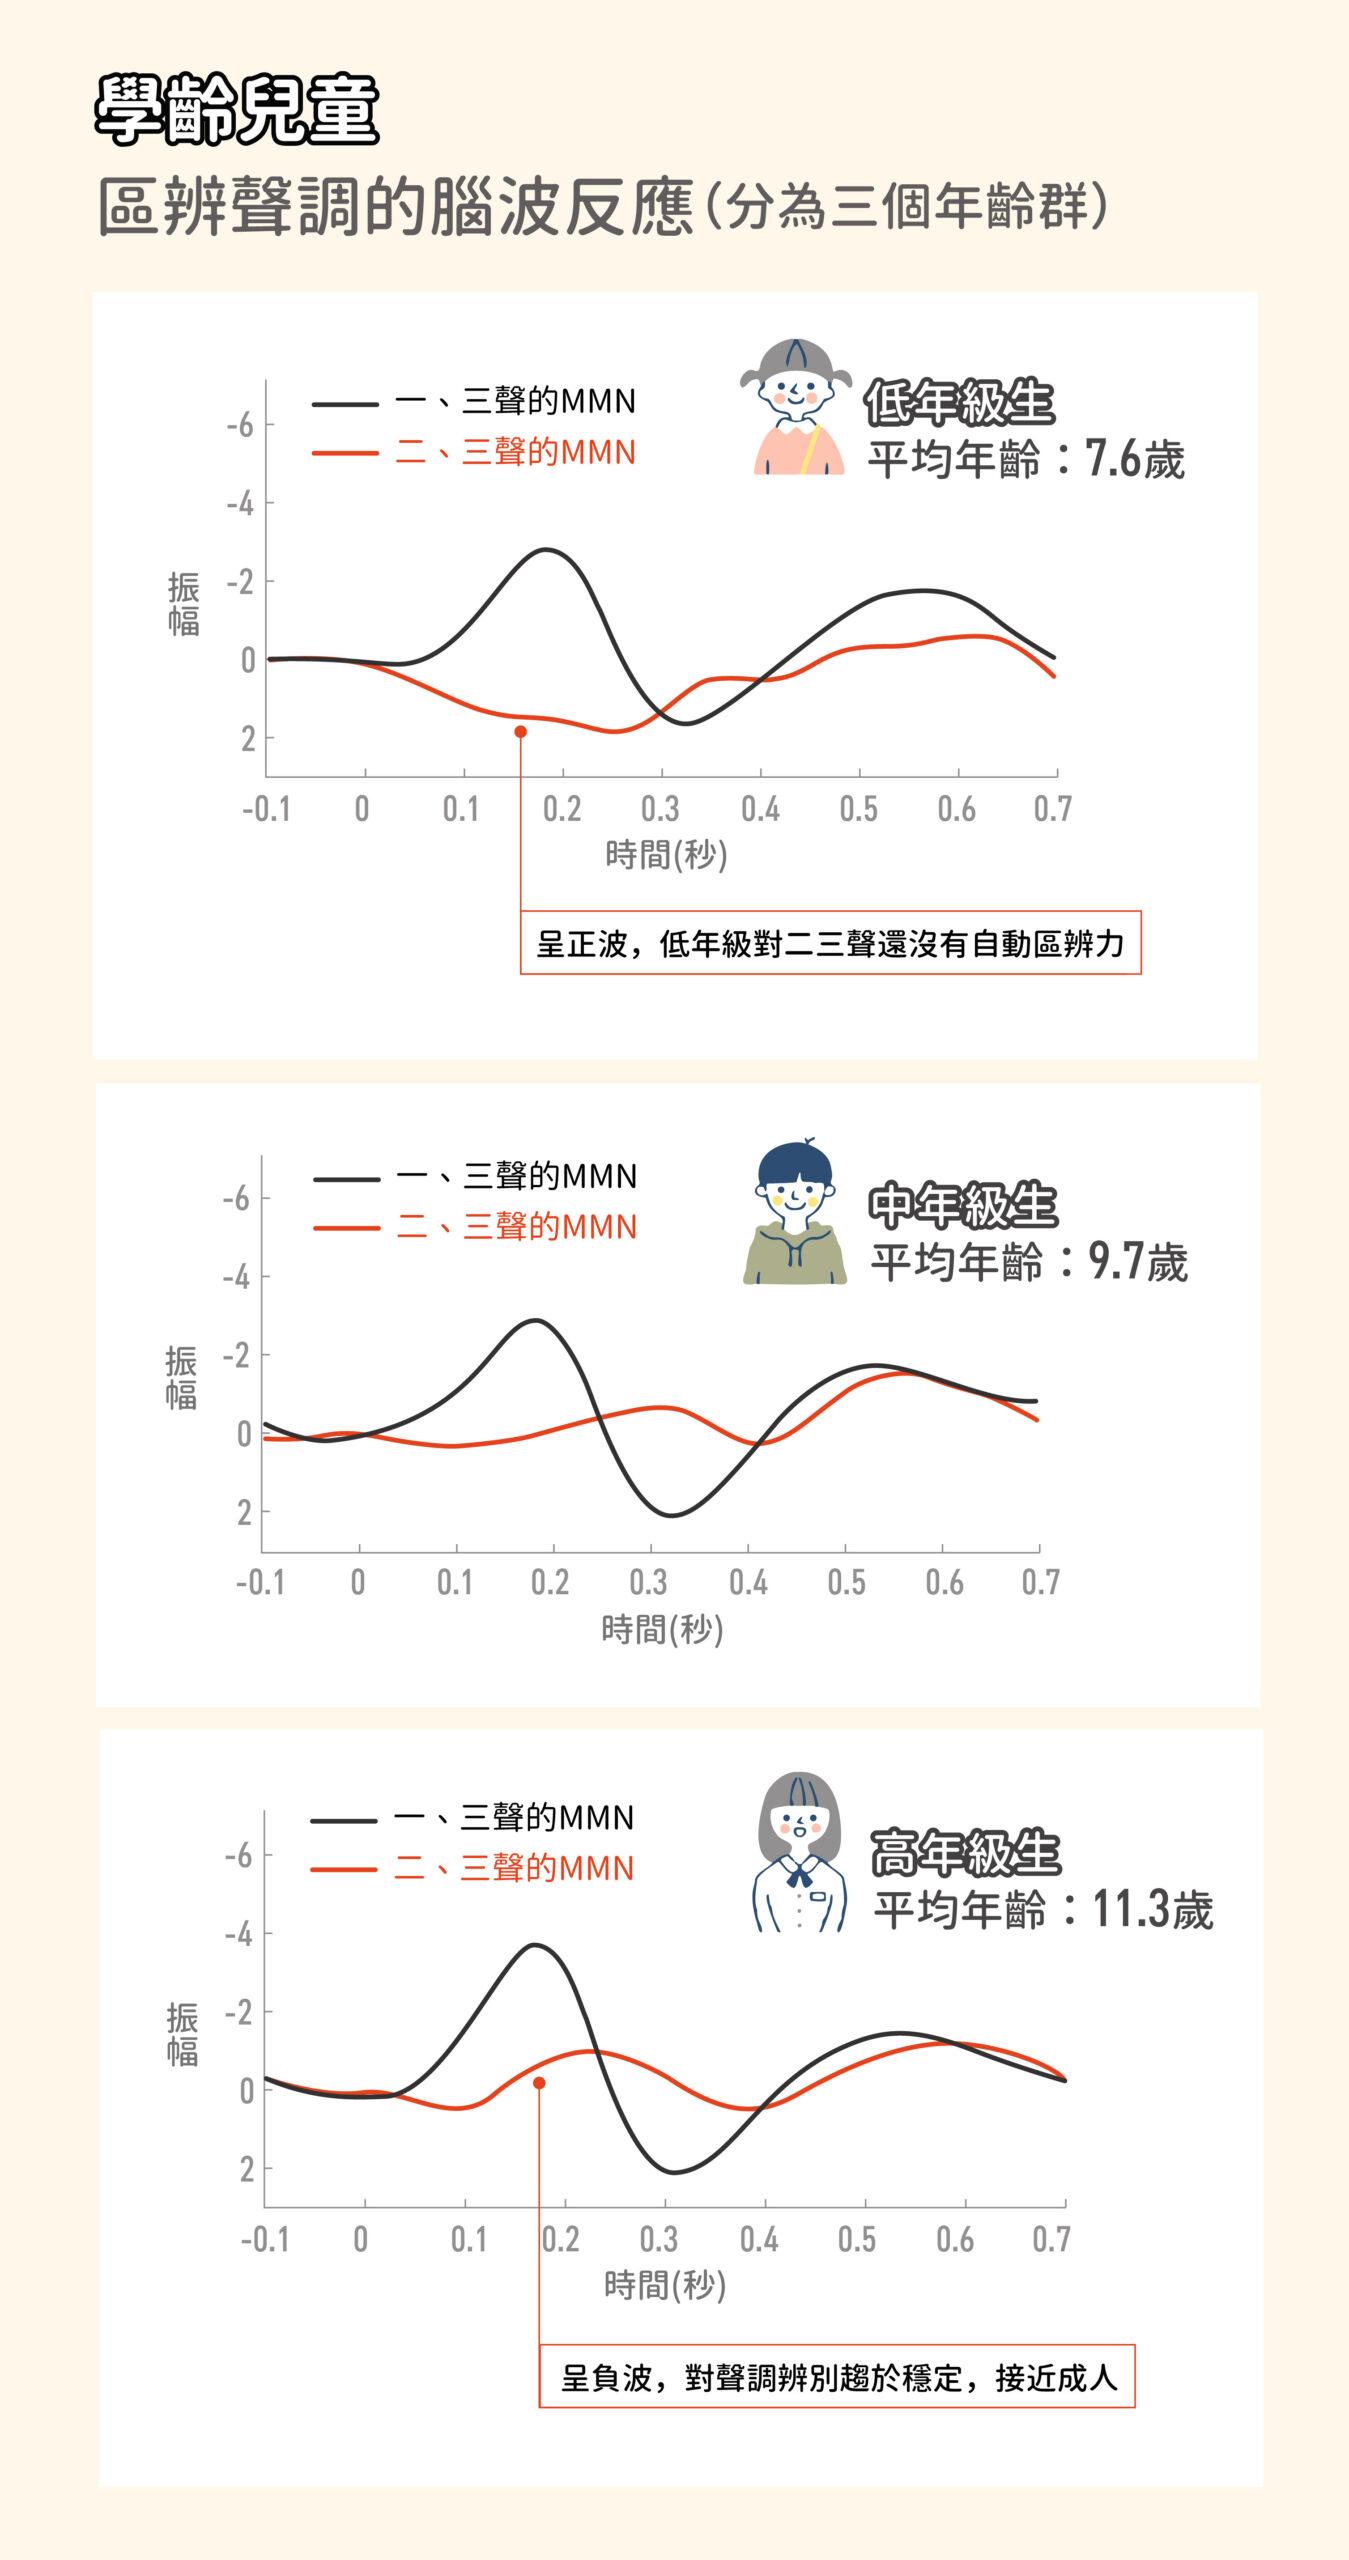 低年級的孩子,一、三聲調 MMN 負向振幅很大,但二、三聲調的 MMN 卻是正波,顯示他們還沒有自動區辨能力,一直要到五年級以上才會穩定下來,接近成人。圖│研之有物、iStock(資料來源│李佳穎)